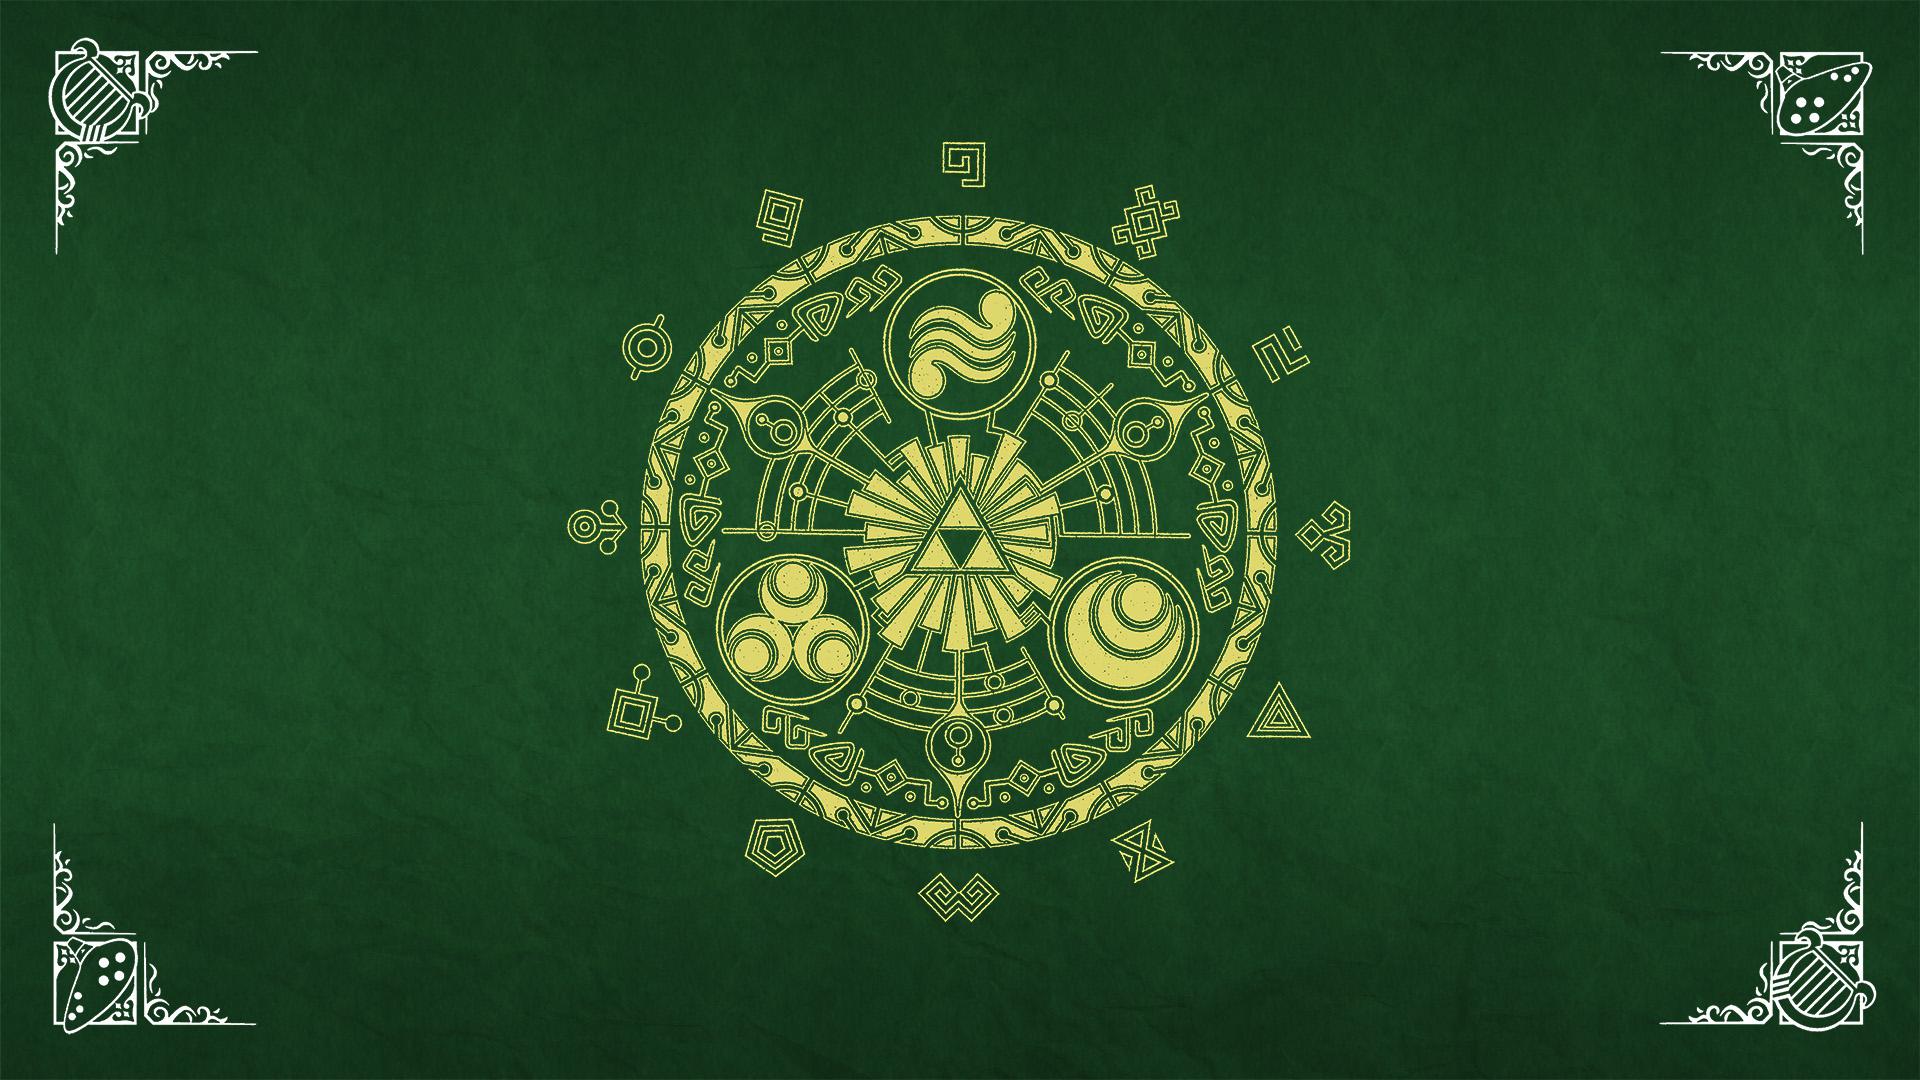 Fantasy-The-Legend-Of-Zelda-Hyrule-Historia-wallpaper-wp3605477